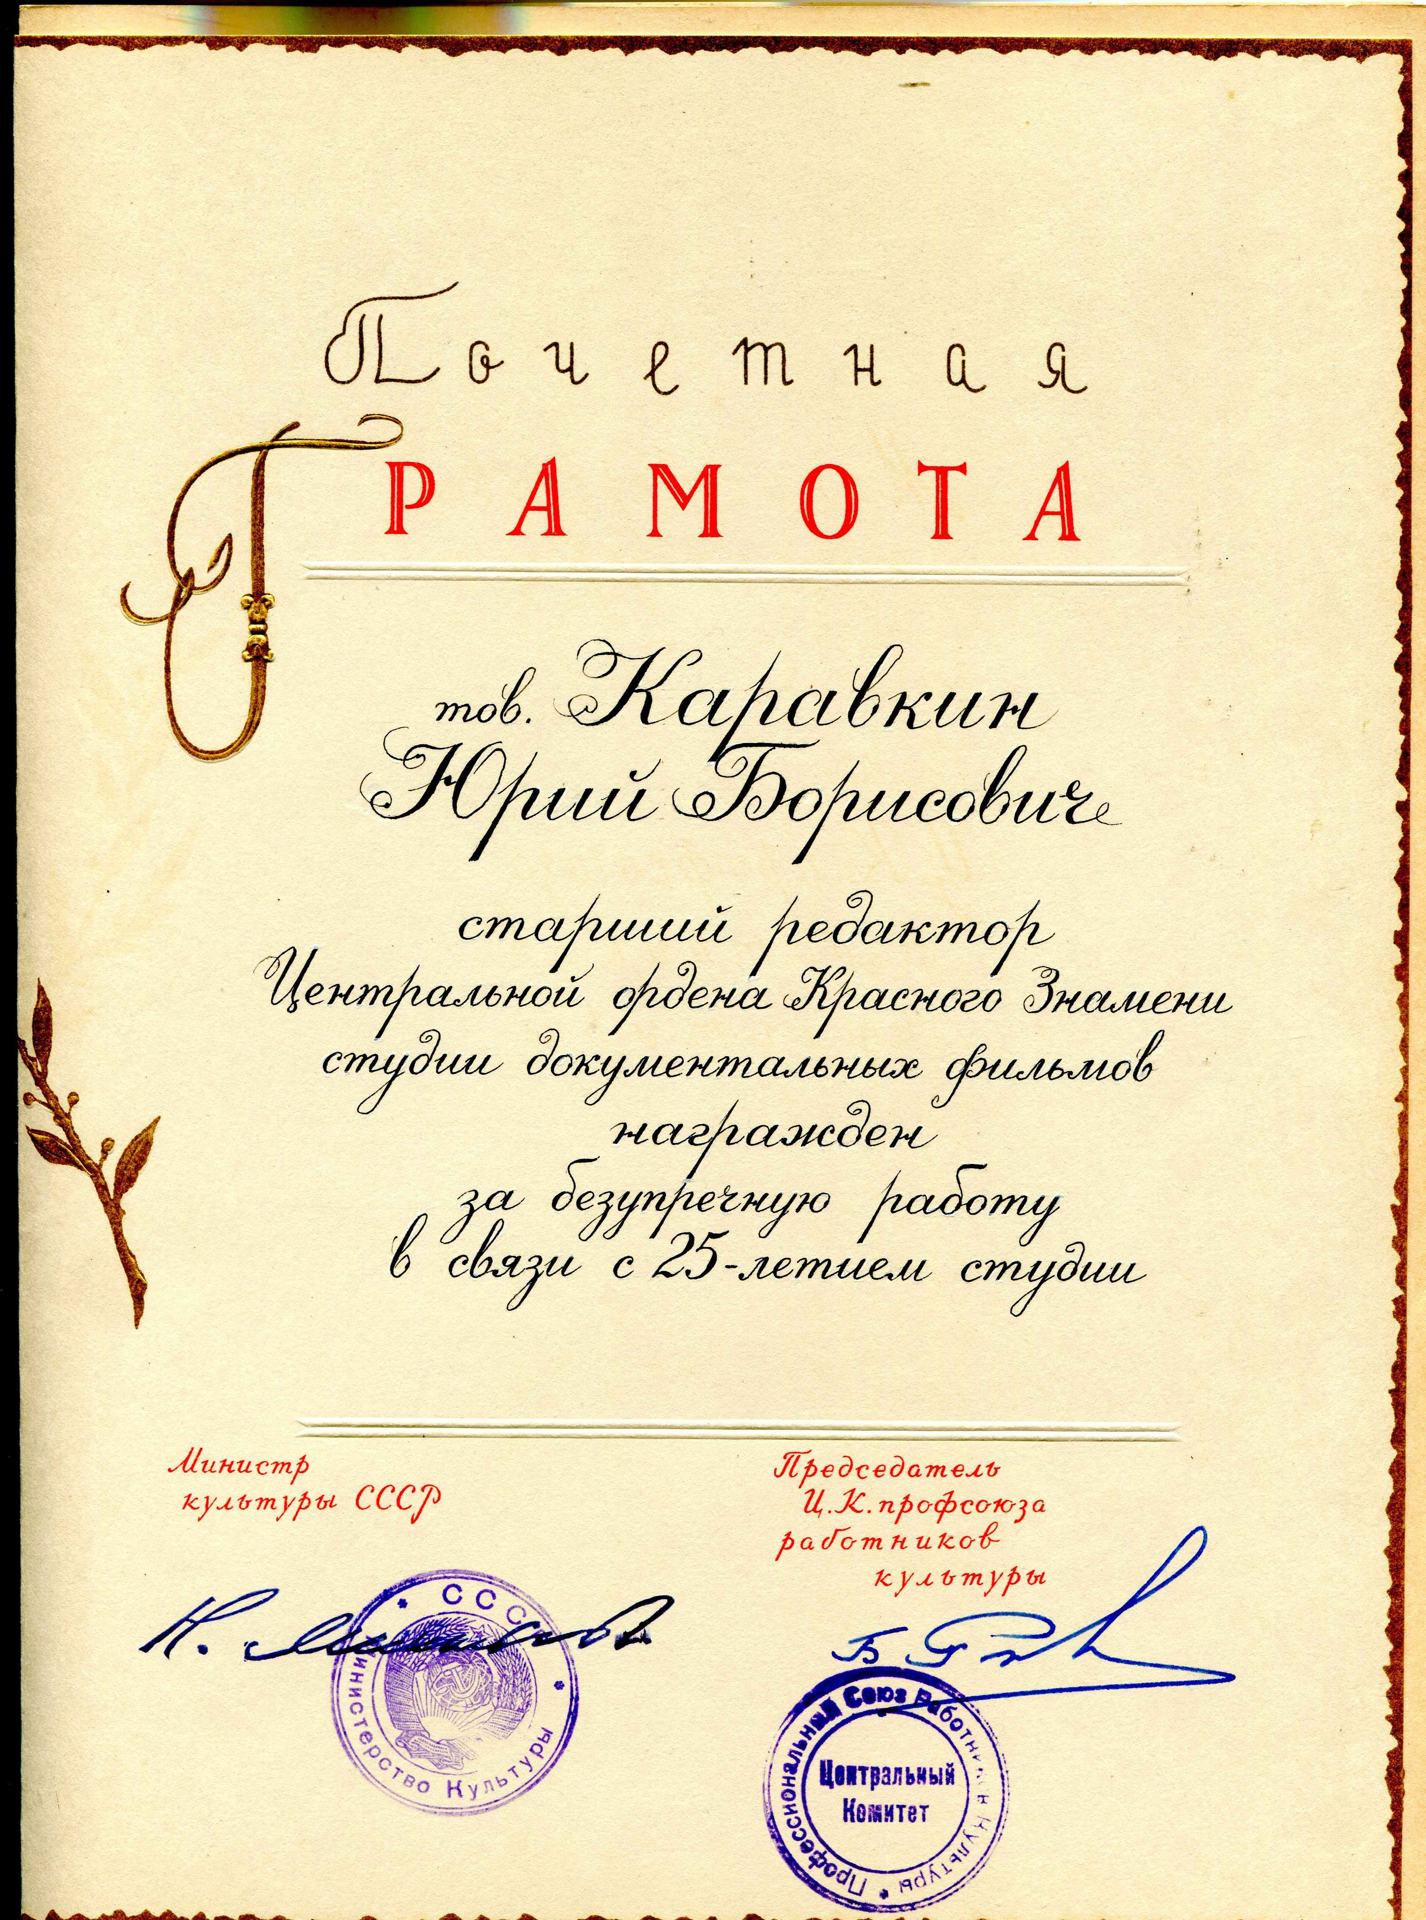 Экспонат #14. Почетная грамота в связи с 25-летием ЦСДФ. 1956 год